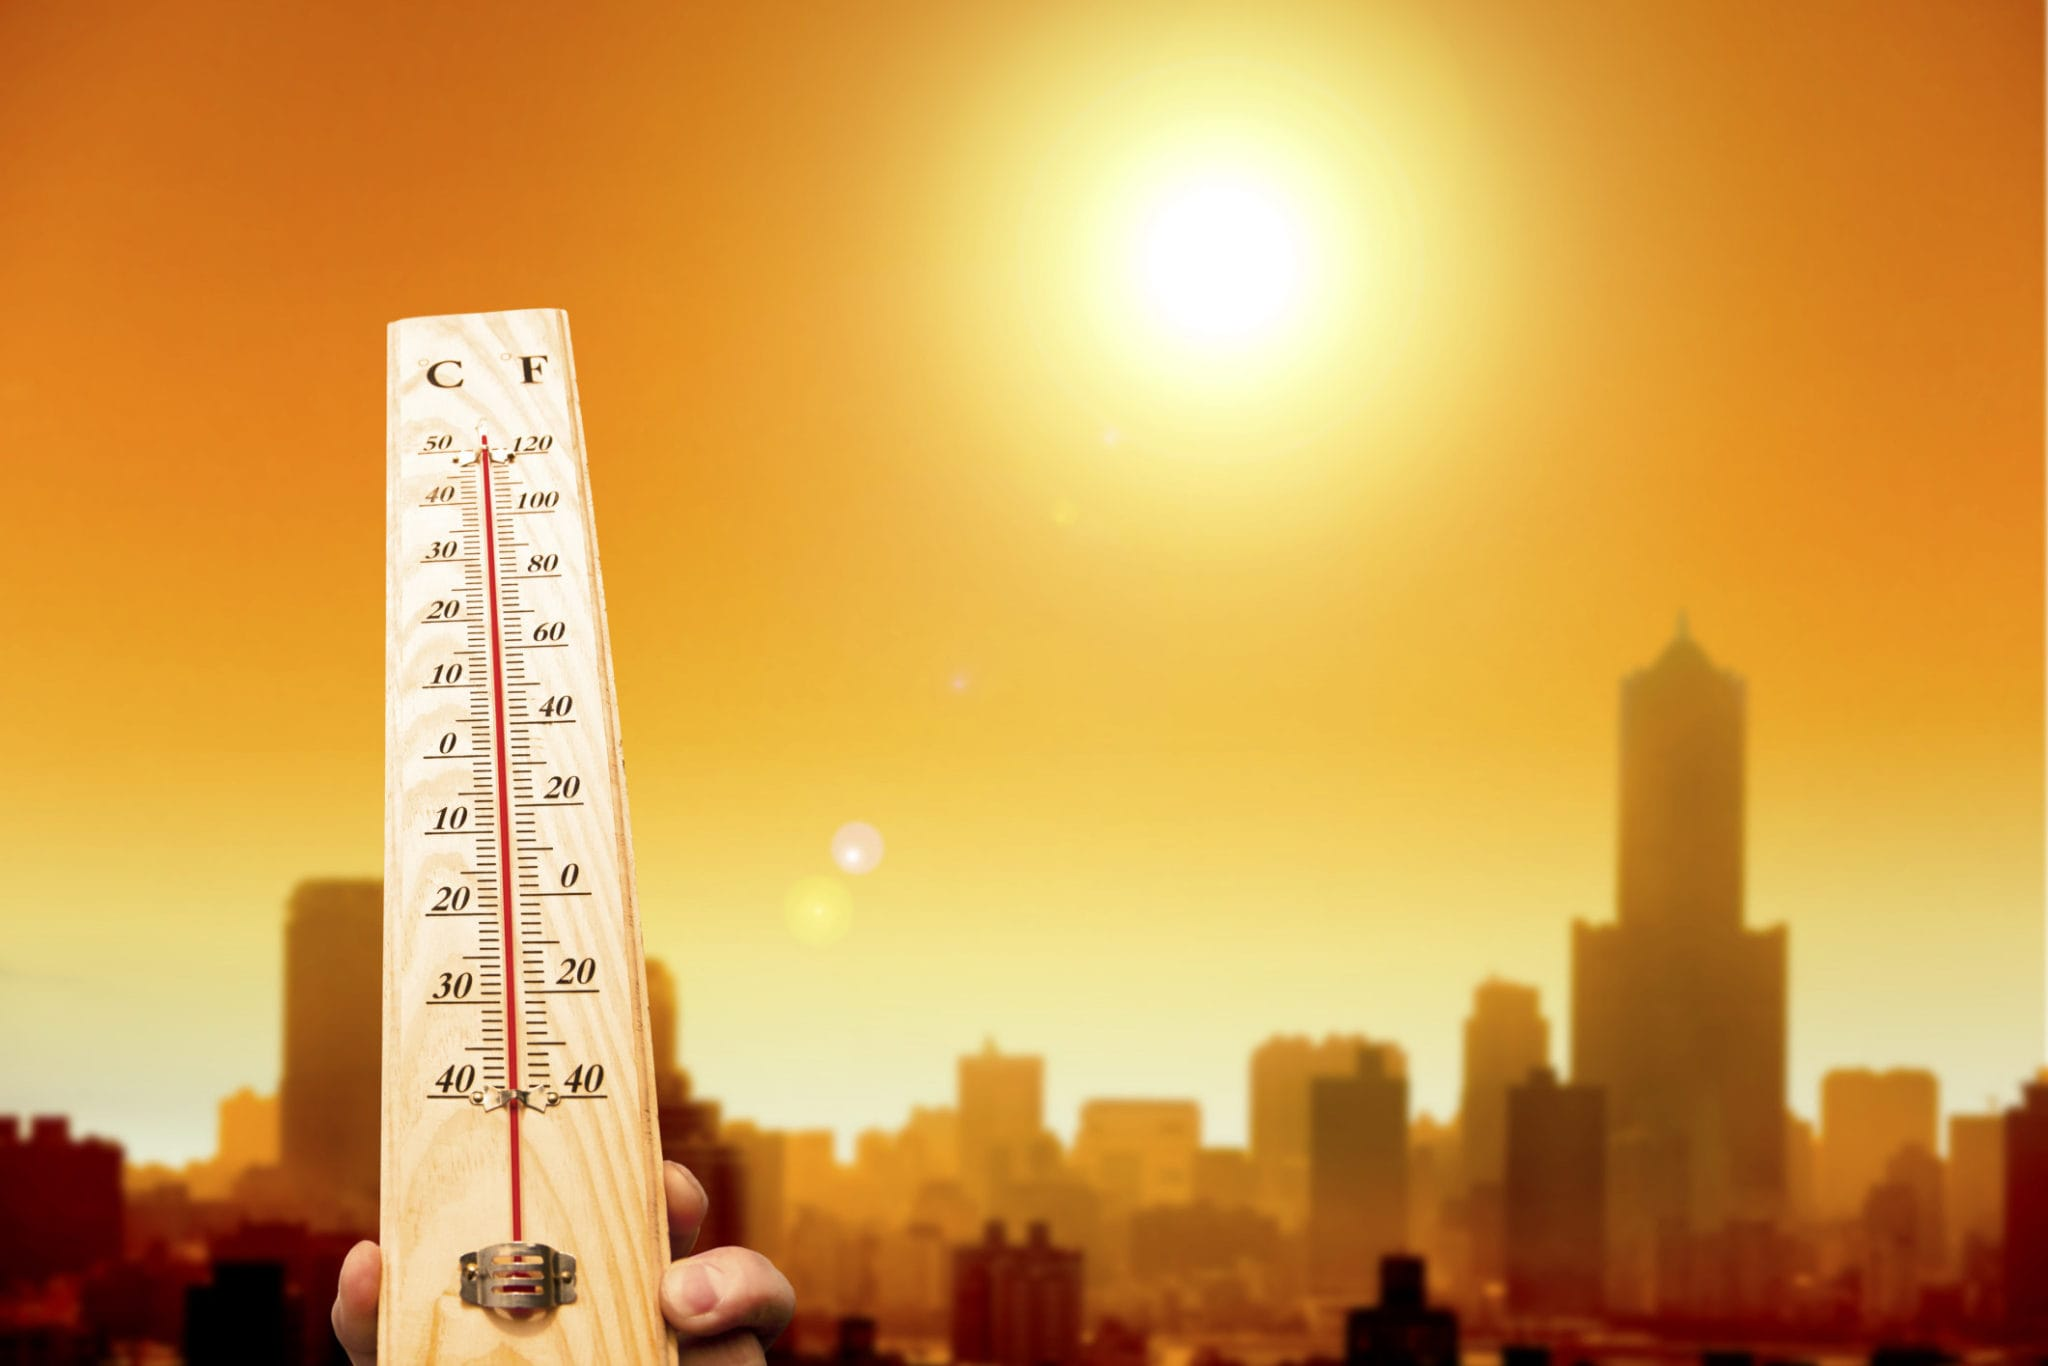 Causas-por-las-que-hay-mas-calor-en-la-ciudad-que-en-el-campo-1